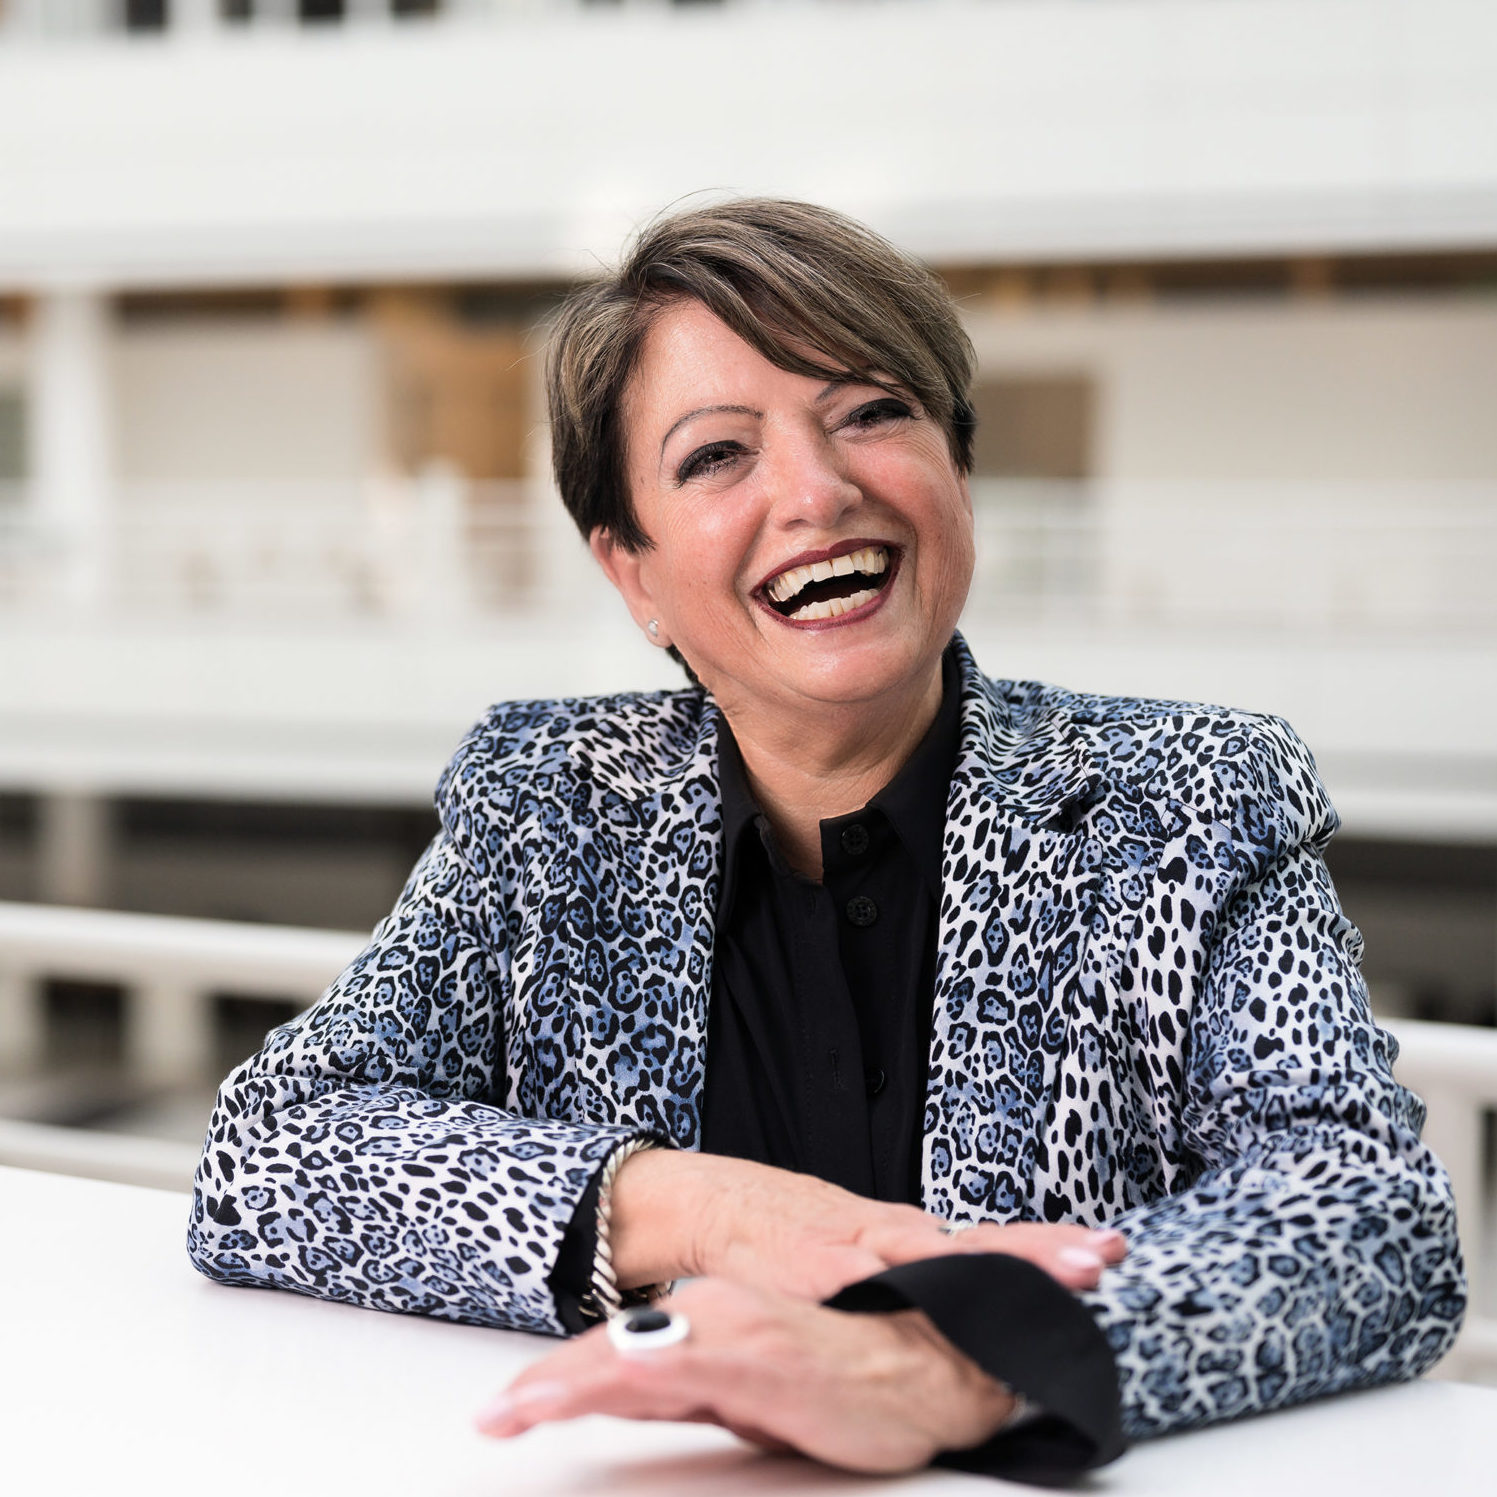 Petra Claessen